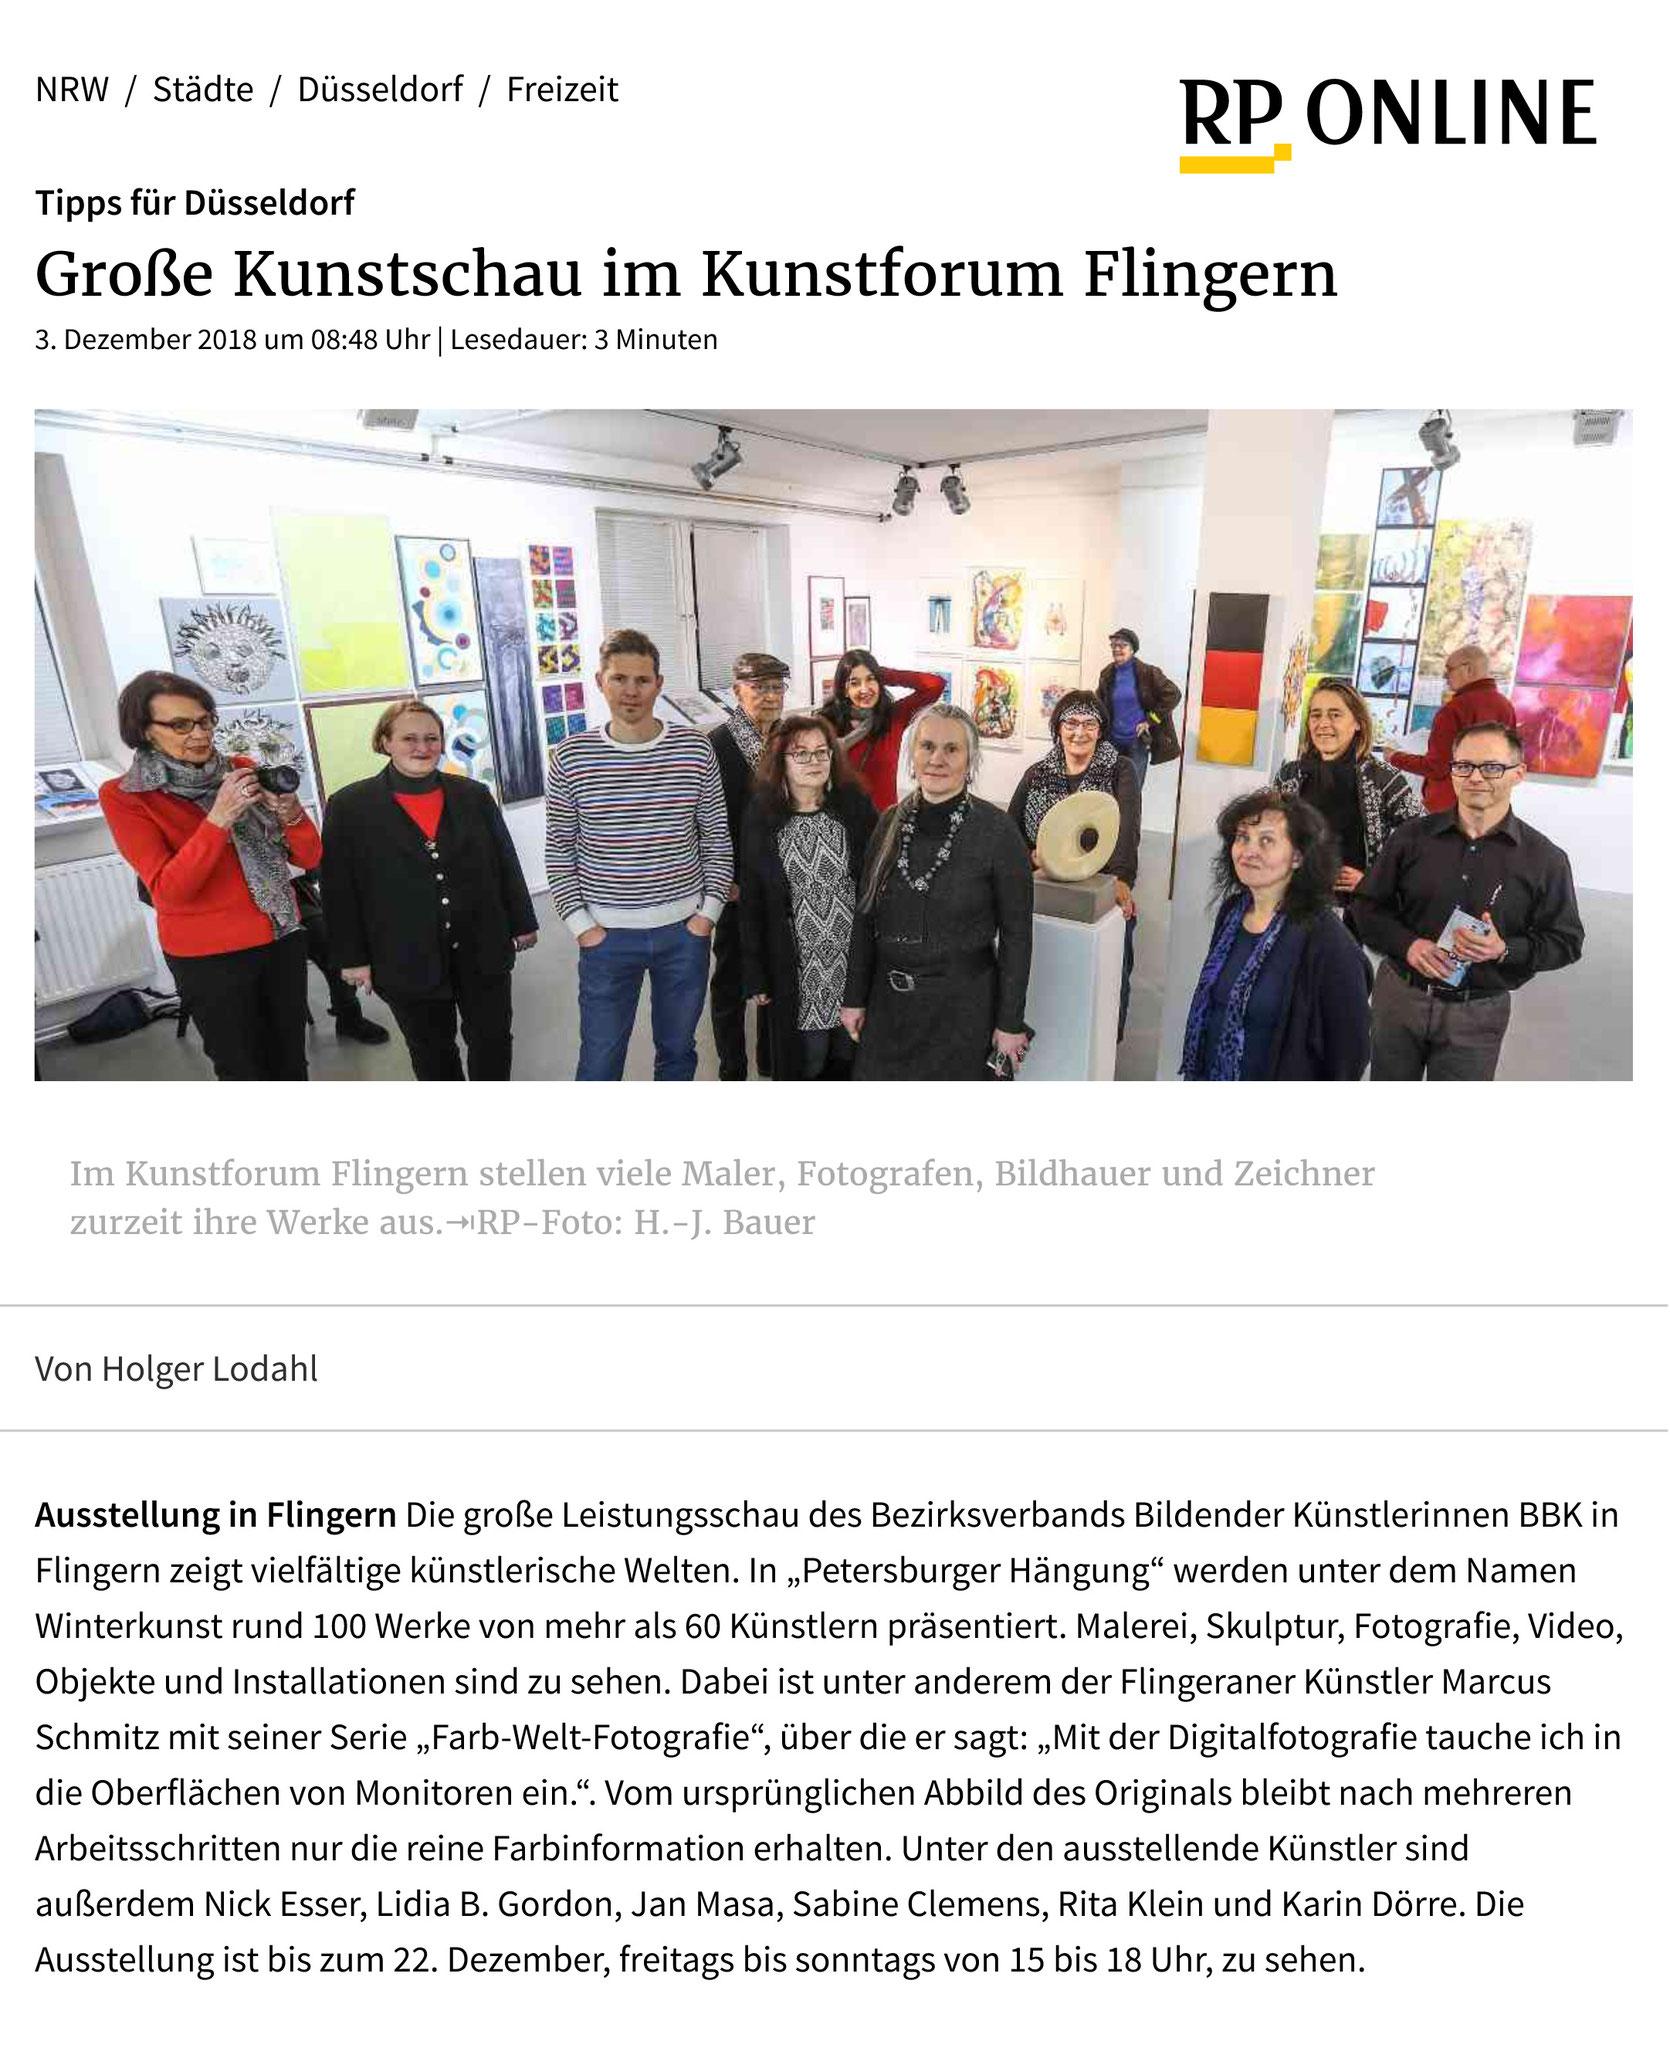 © Rheinische Post, Holger Lodahl (Text), Hans-Jürgen Bauer (Foto), 03.12.2018